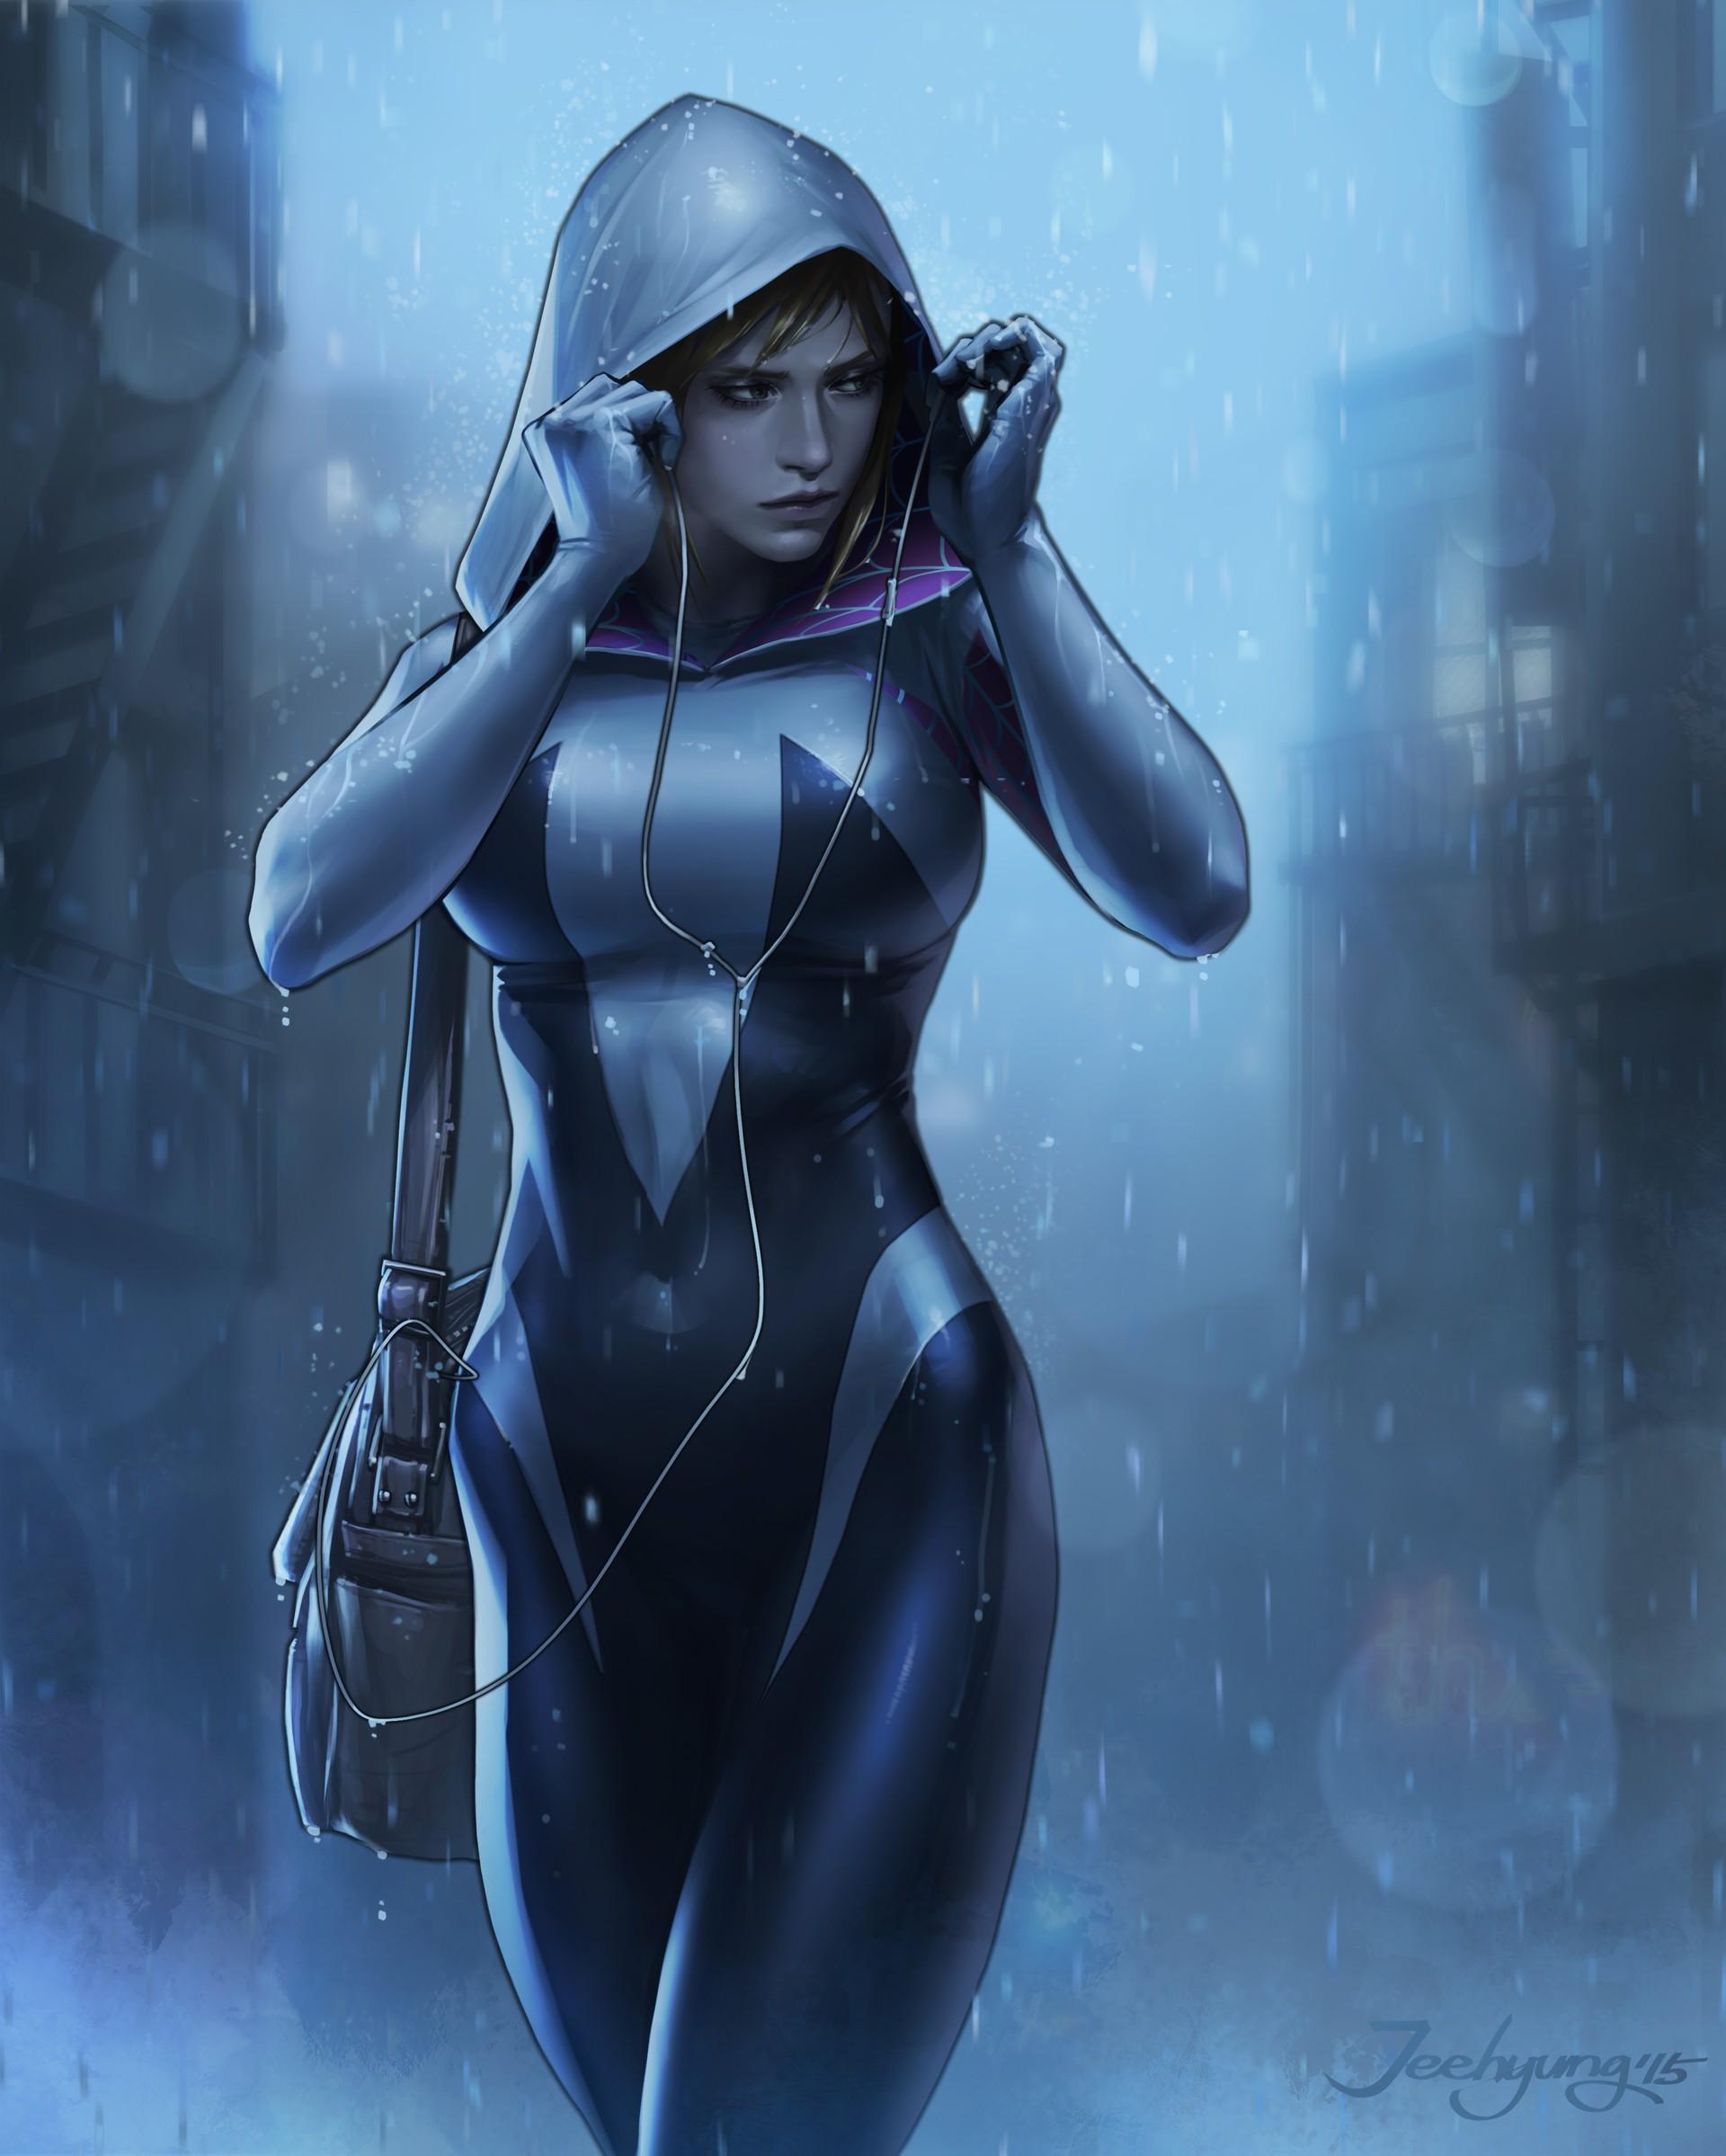 General 1920x2398 fantasy art Lee Jeehyung Spider Gwen Spider-Man Spider-Gwen women